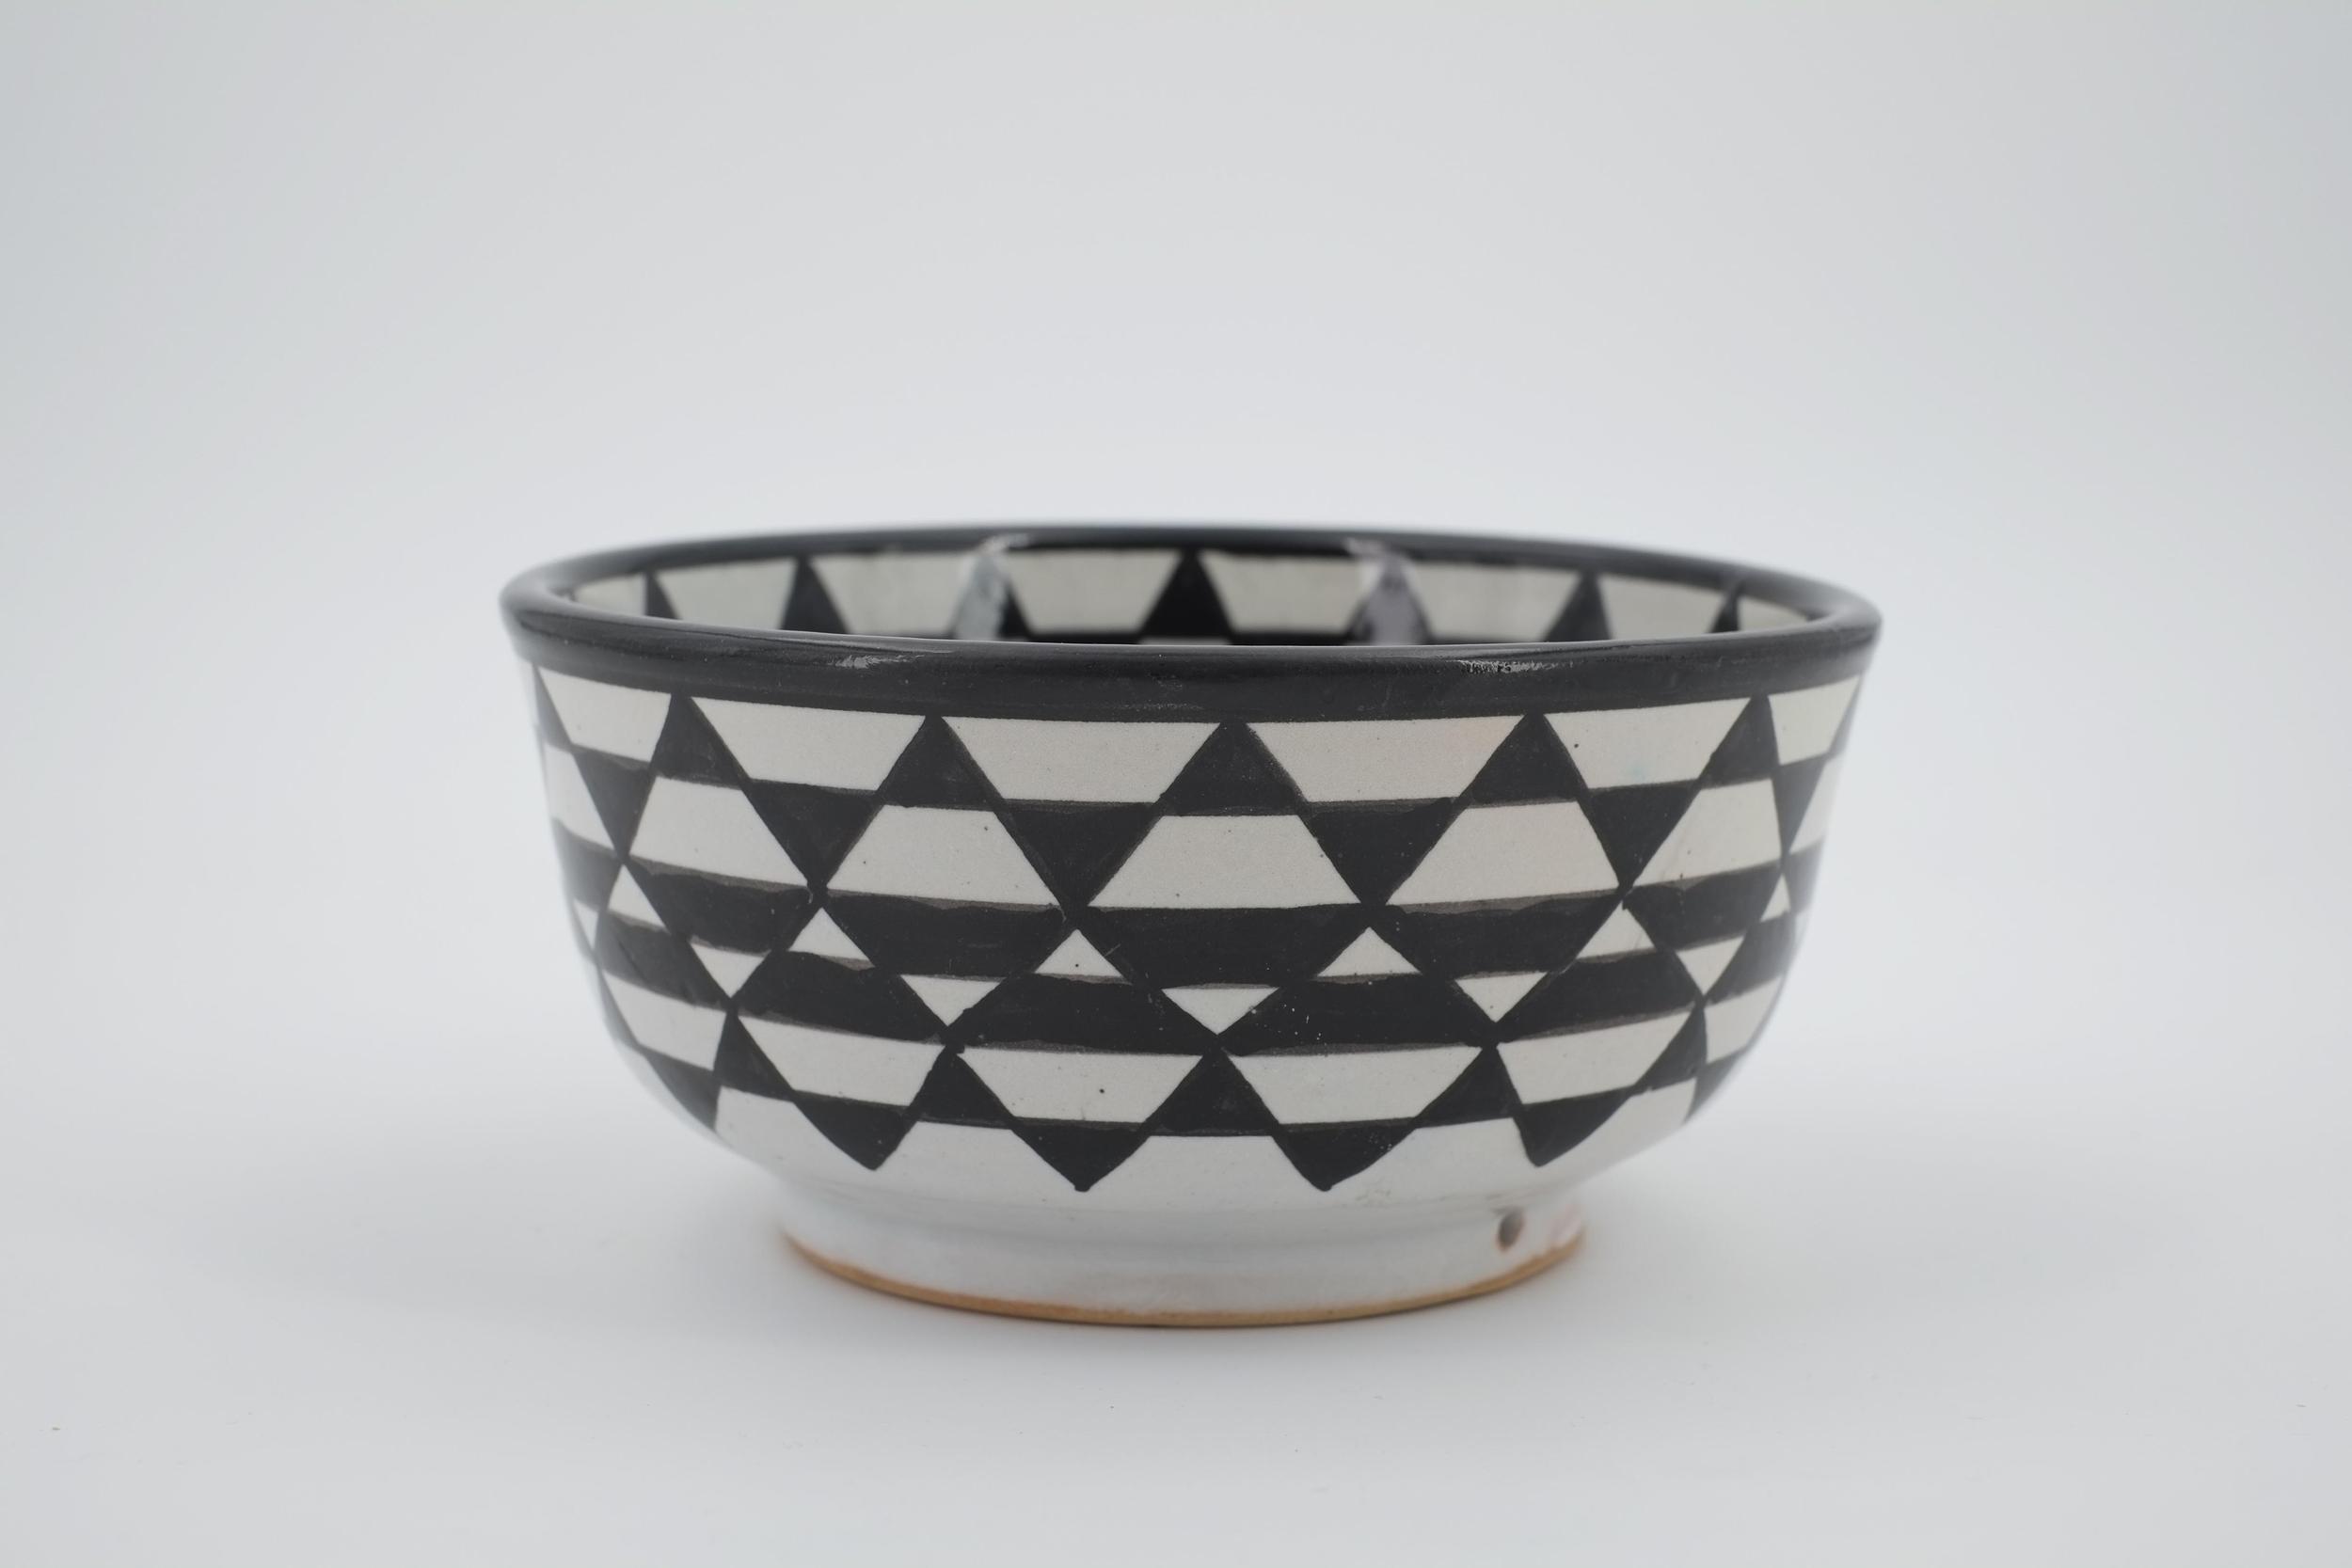 Saladier à décor géométrique noir et blanc en céramique de Fès - Maroc